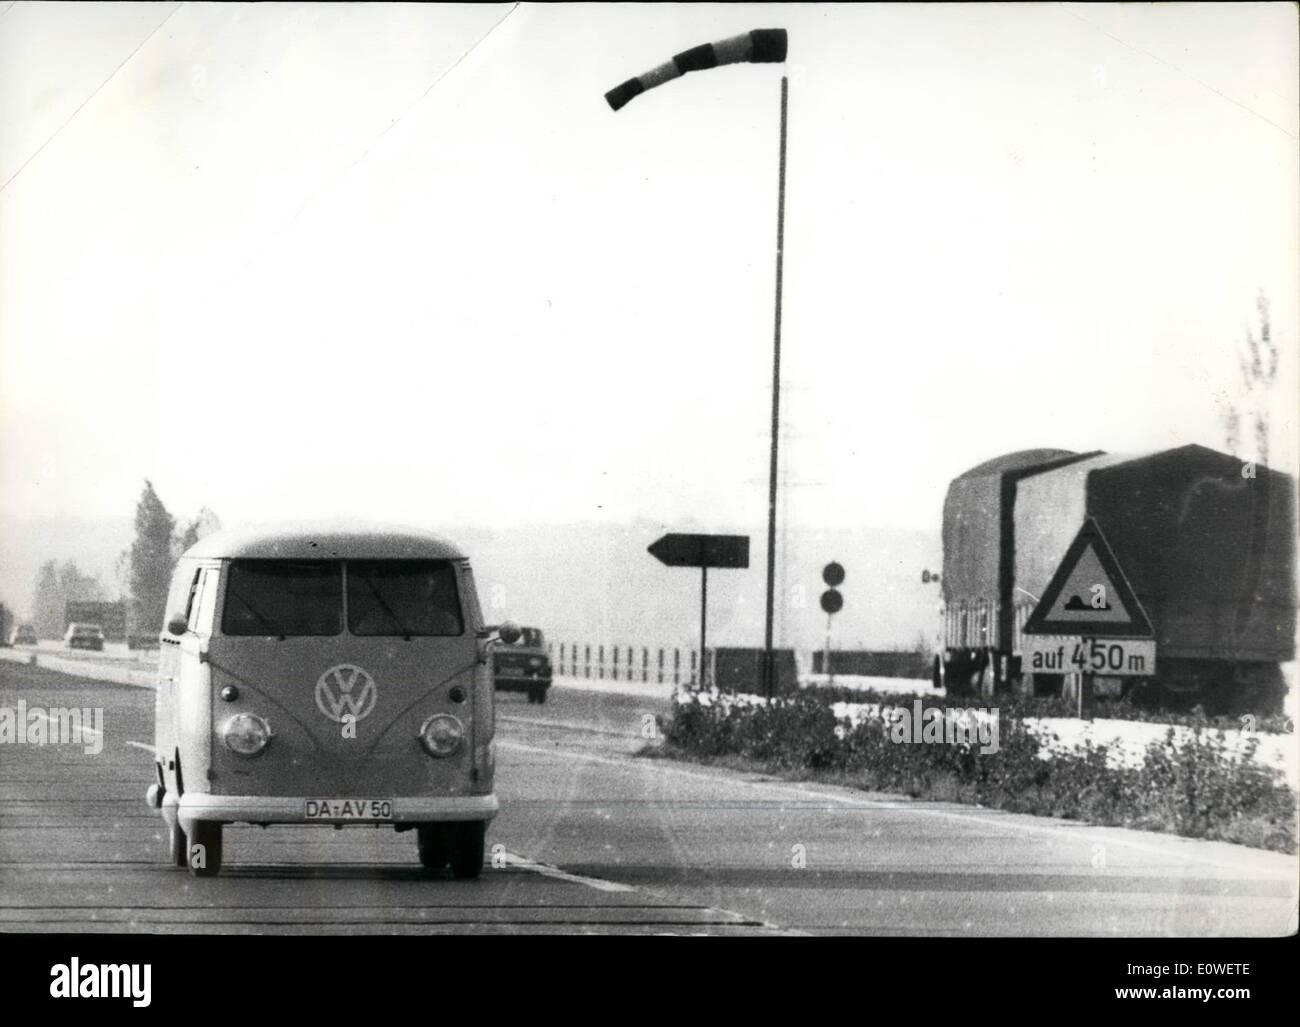 Octubre 10, 1962 - Windbags sobre Autobahn puentes : bolsas de viento similares a las usadas en los aeródromos se crearon en algunas peligrosas Autobahn puentes en Alemania Occidental para advertir a los conductores de los fuertes vientos que podrían provocar accidentes de tráfico. Nuestra foto muestra el viento bolsas en una autopista puente cerca de Raunheim en el trayecto Frankfurt - Colonia. Imagen De Stock